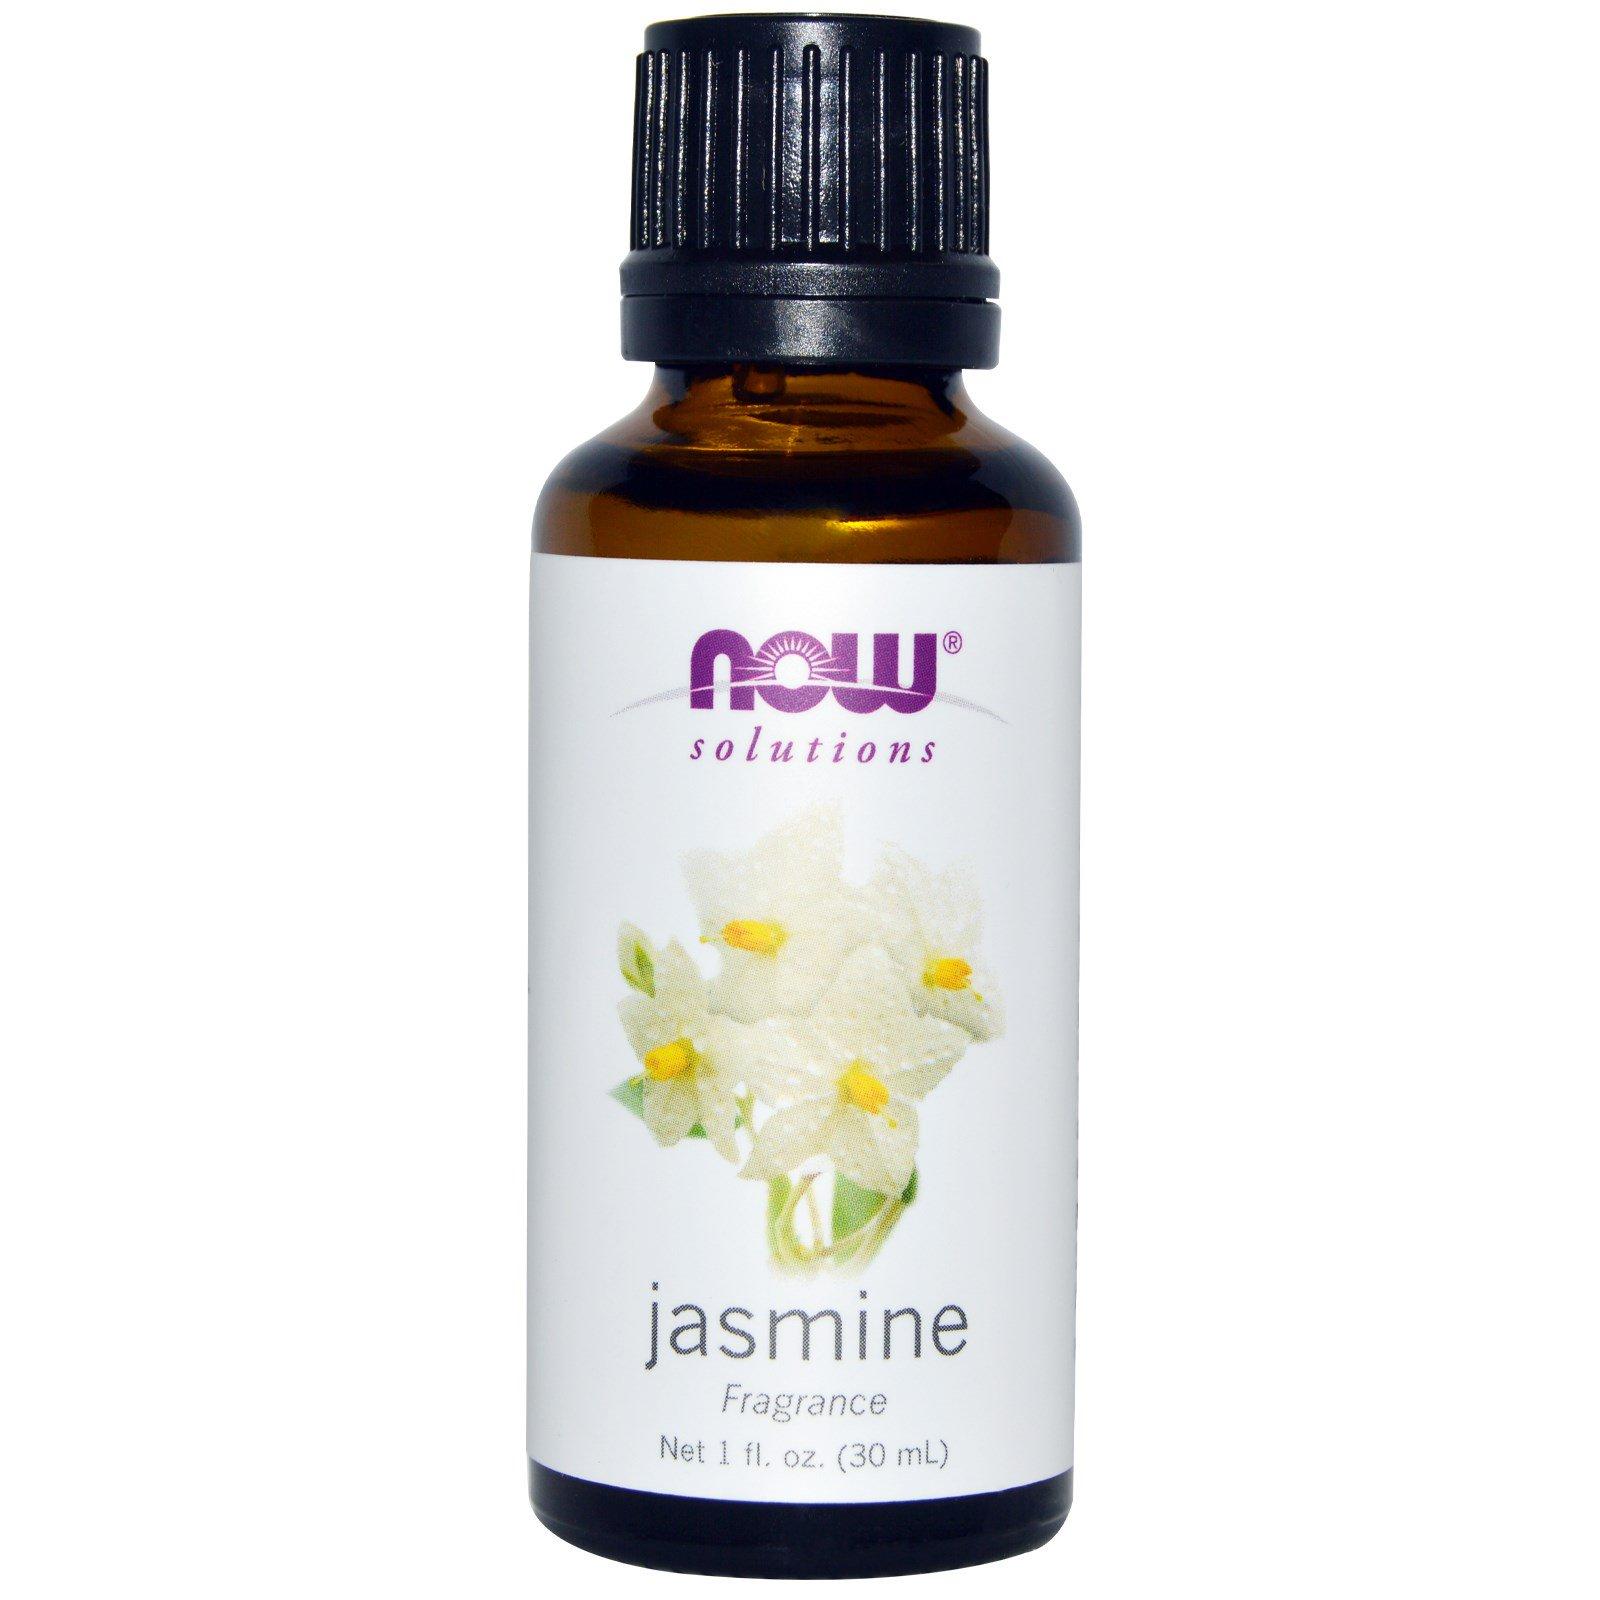 Now foods solutions jasmine 1 fl oz 30 ml iherb now foods solutions jasmine 1 fl oz 30 ml izmirmasajfo